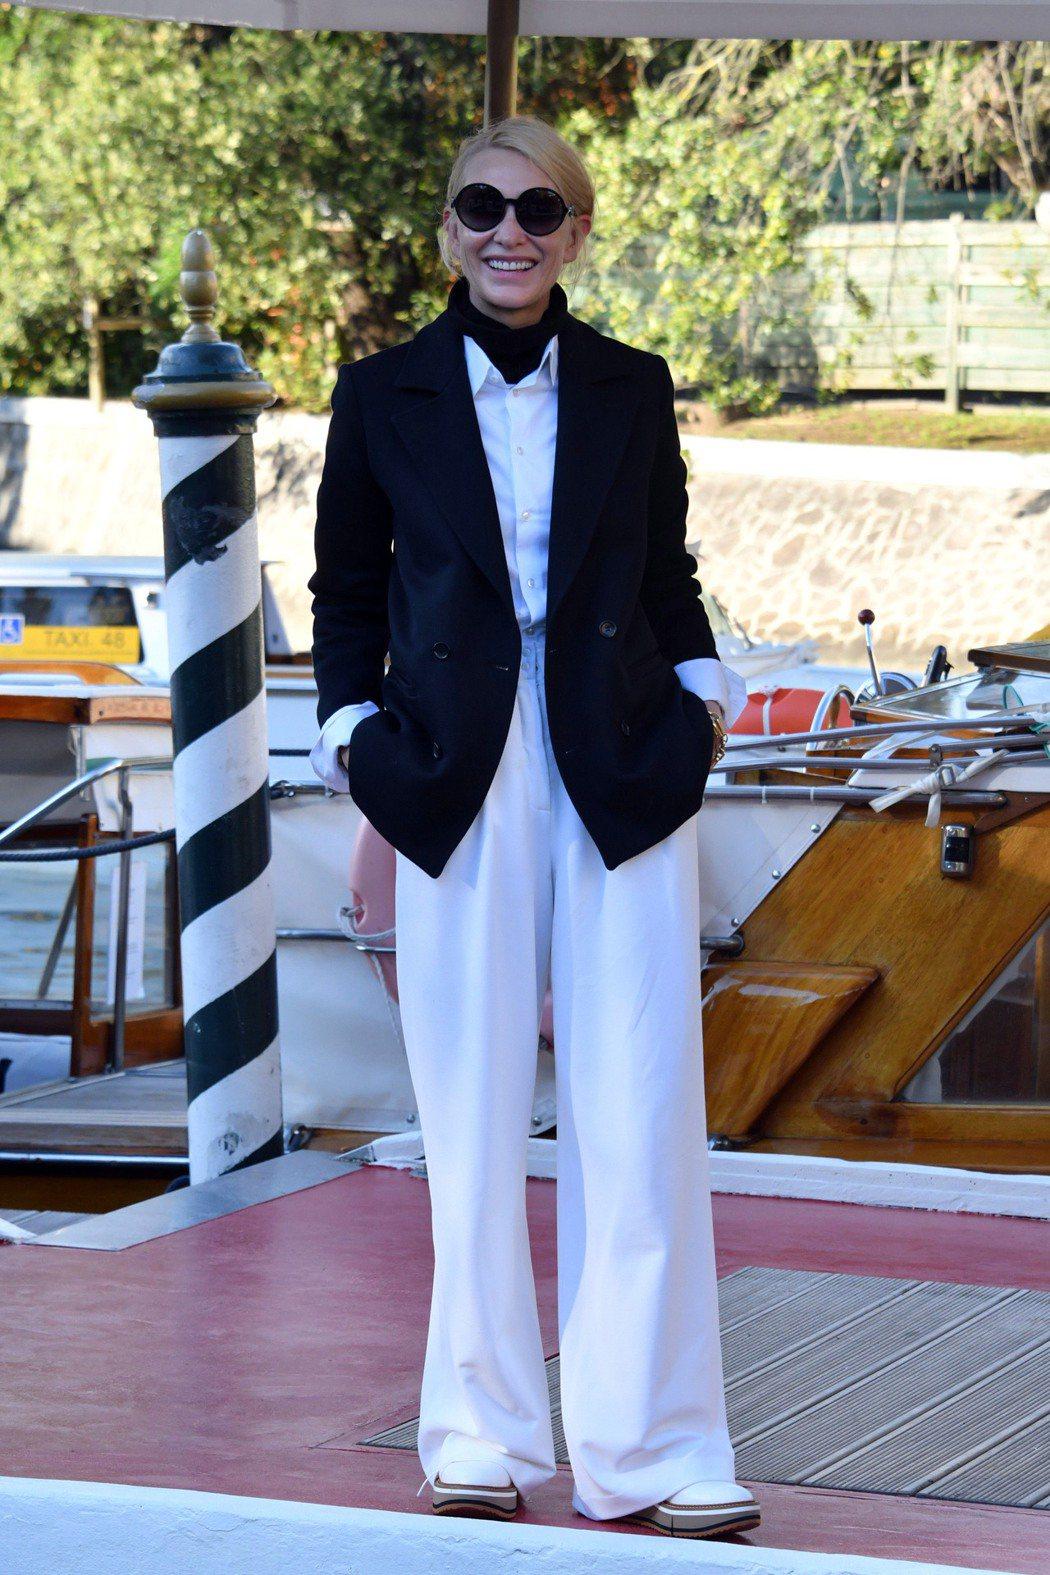 凱特布蘭琪抵達威尼斯影展會場麗都島。圖/達志影像